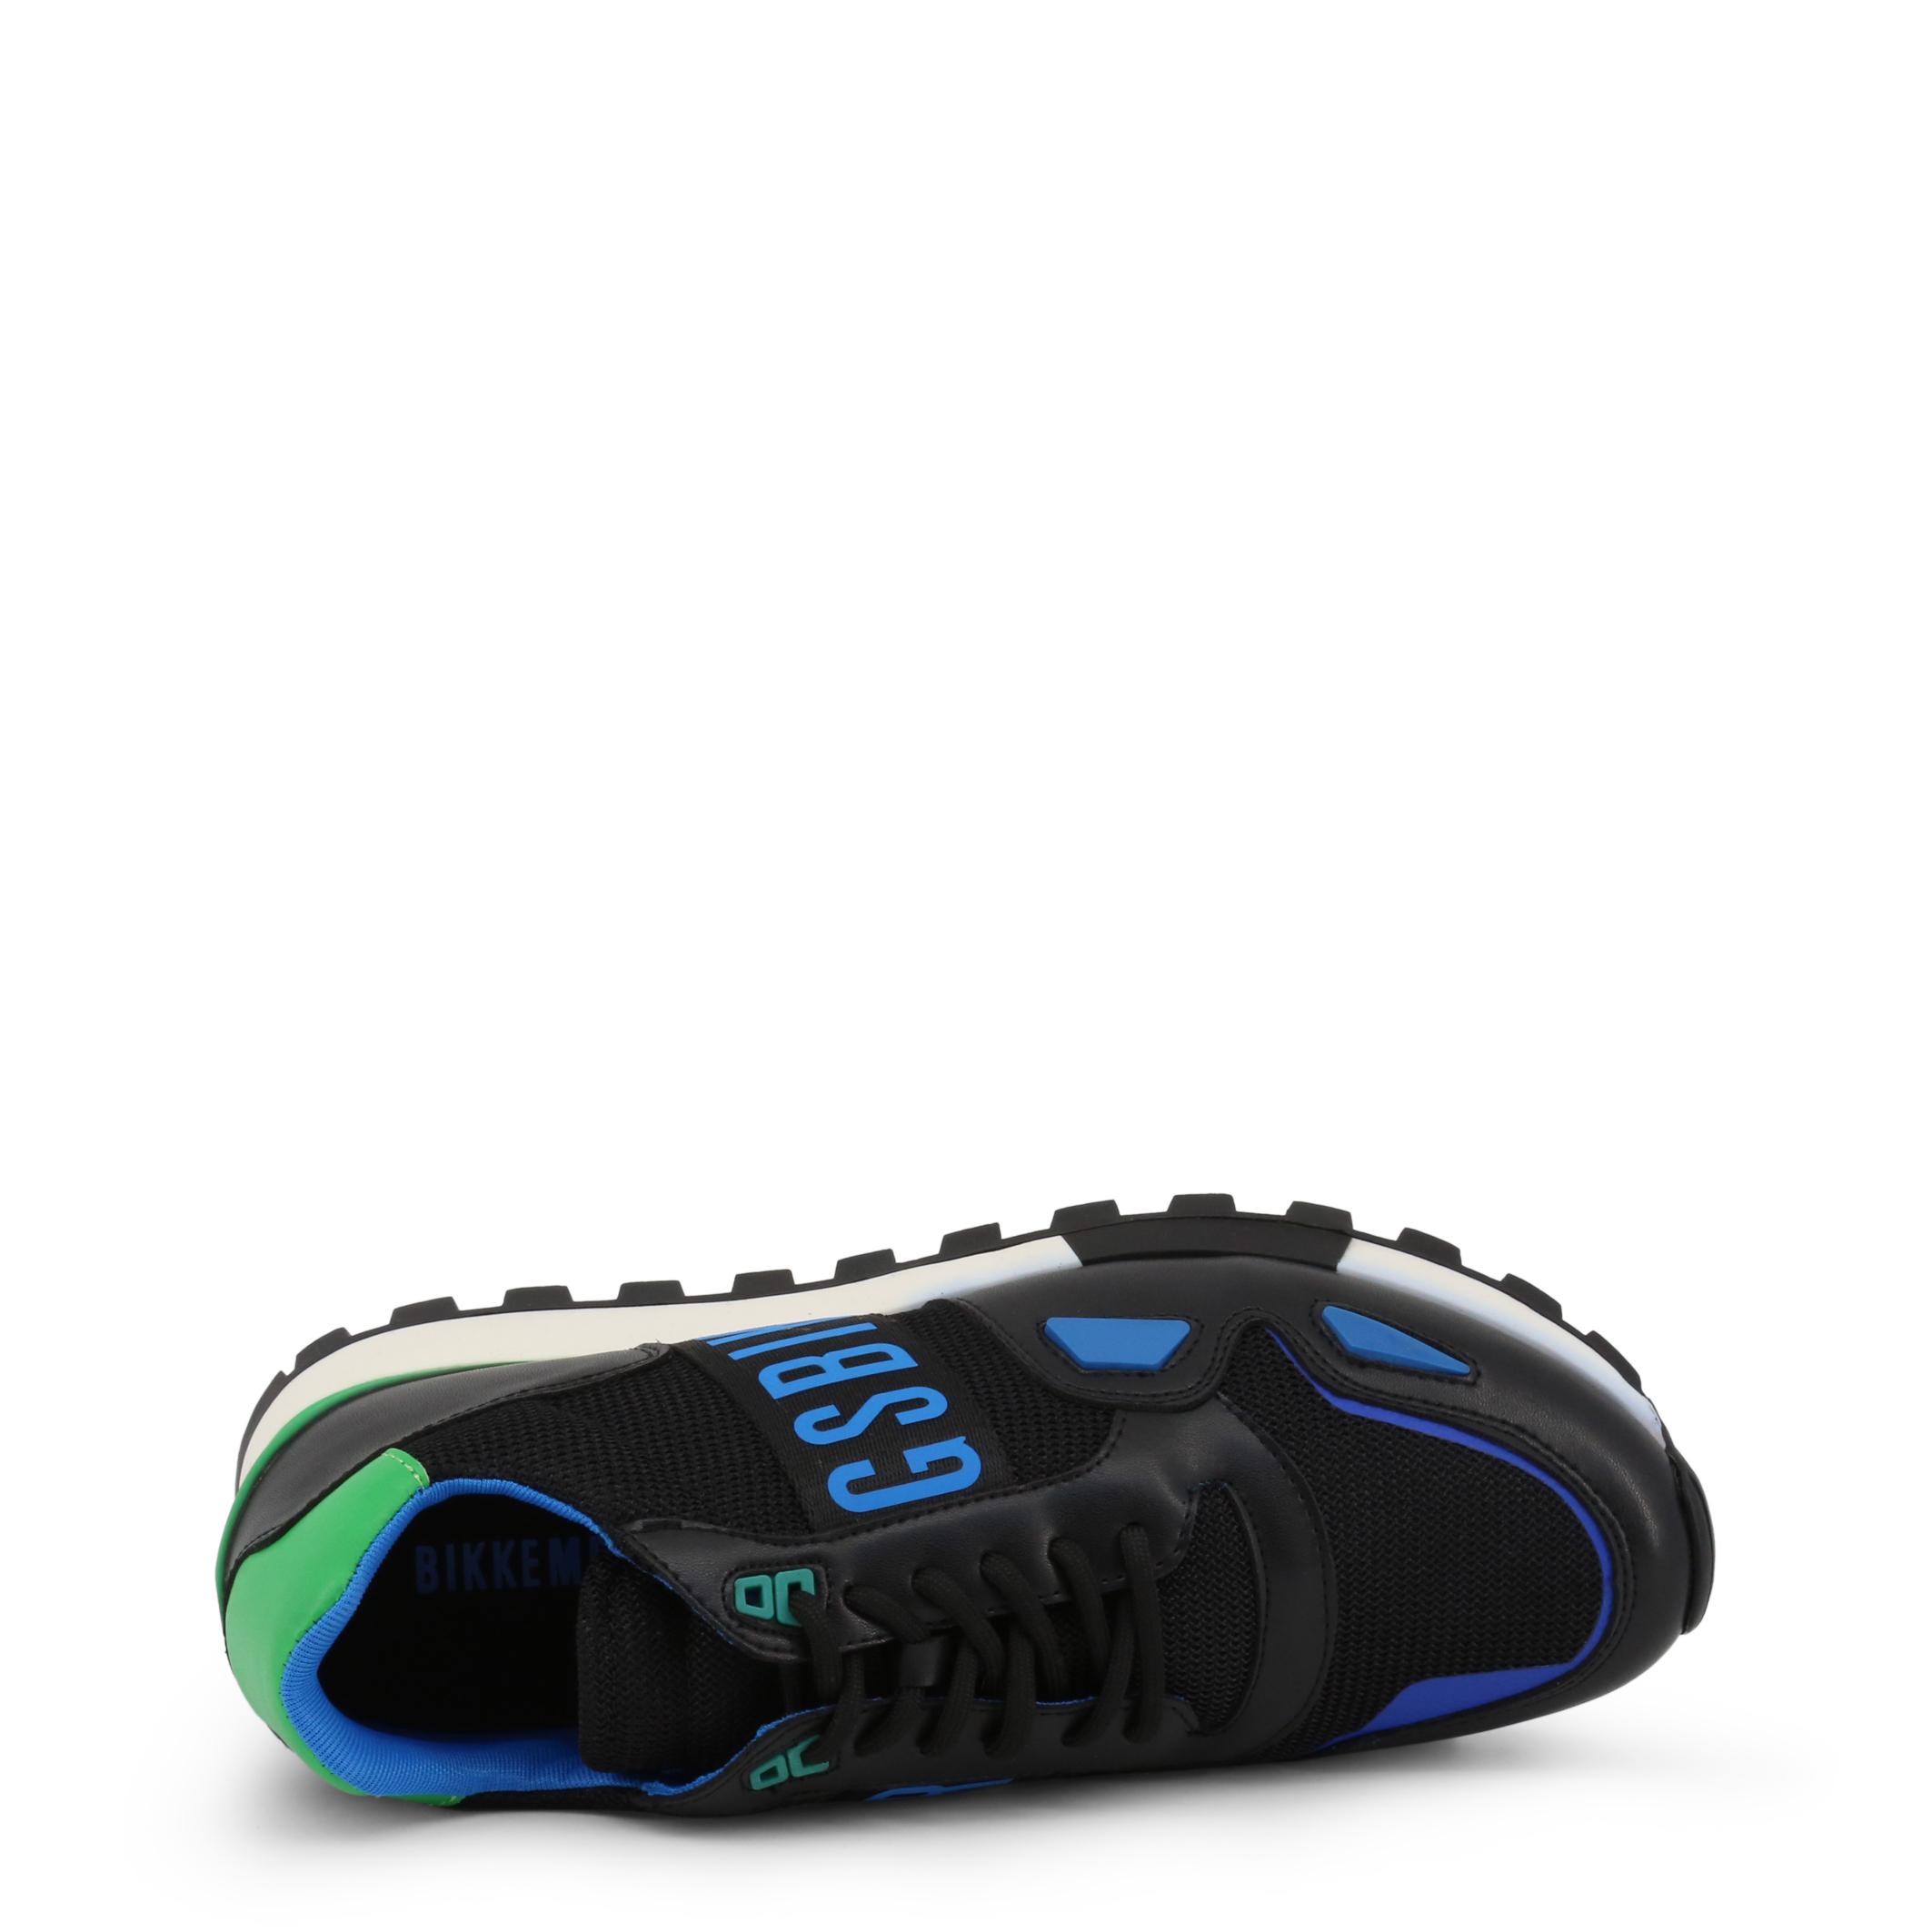 Baskets / Sport  Bikkembergs FEND-ER_2232 black